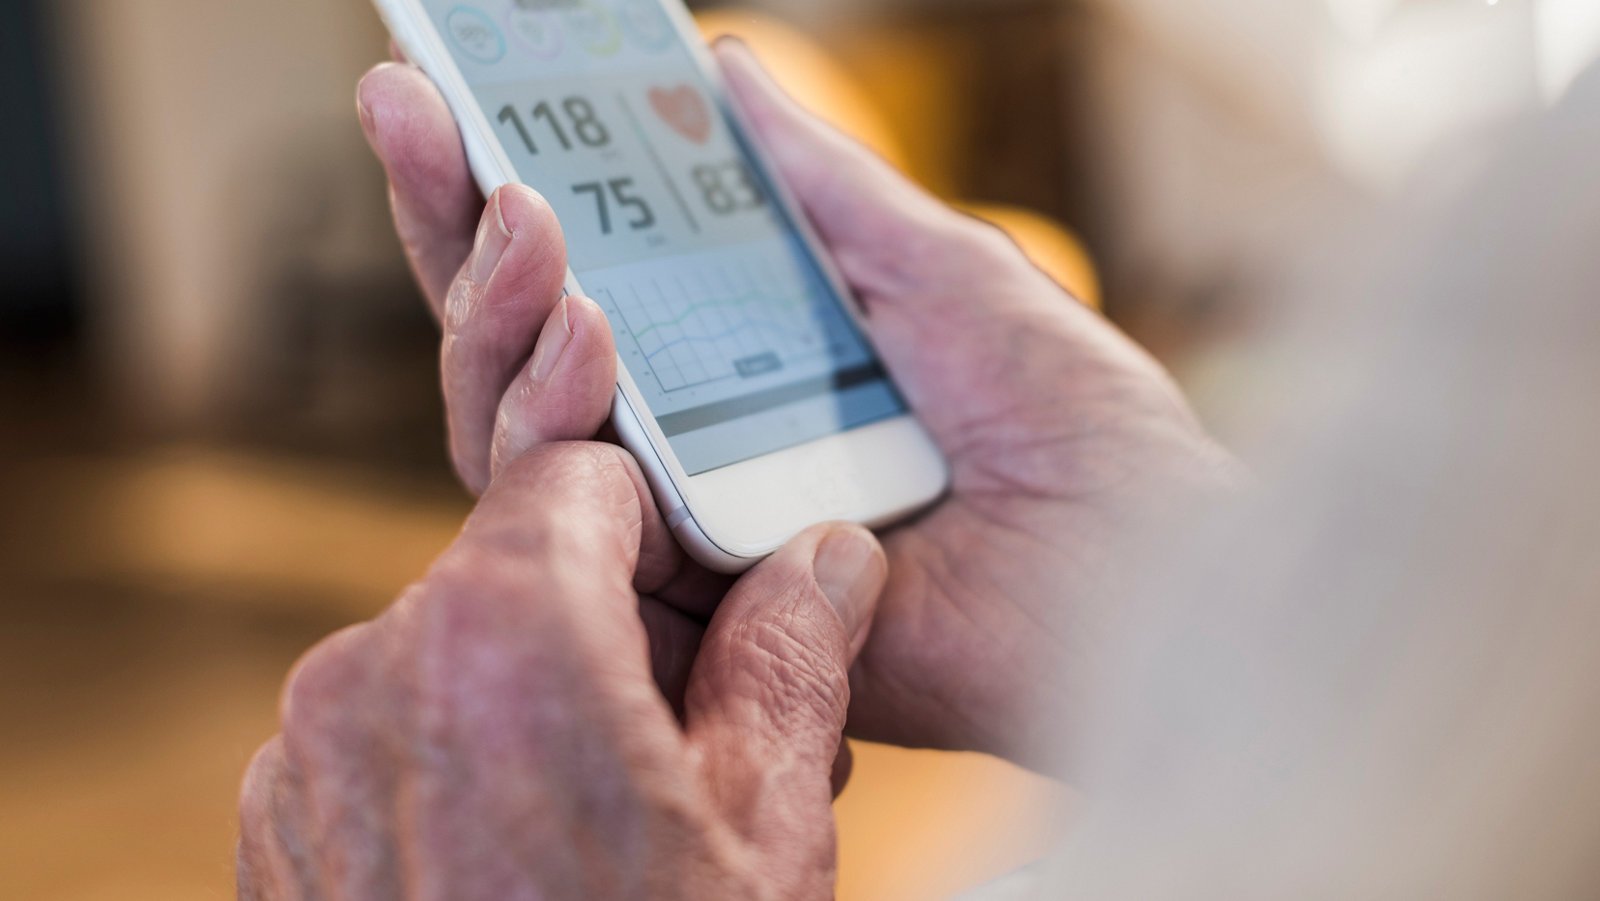 Blutdruck messen: Darauf kommt es an